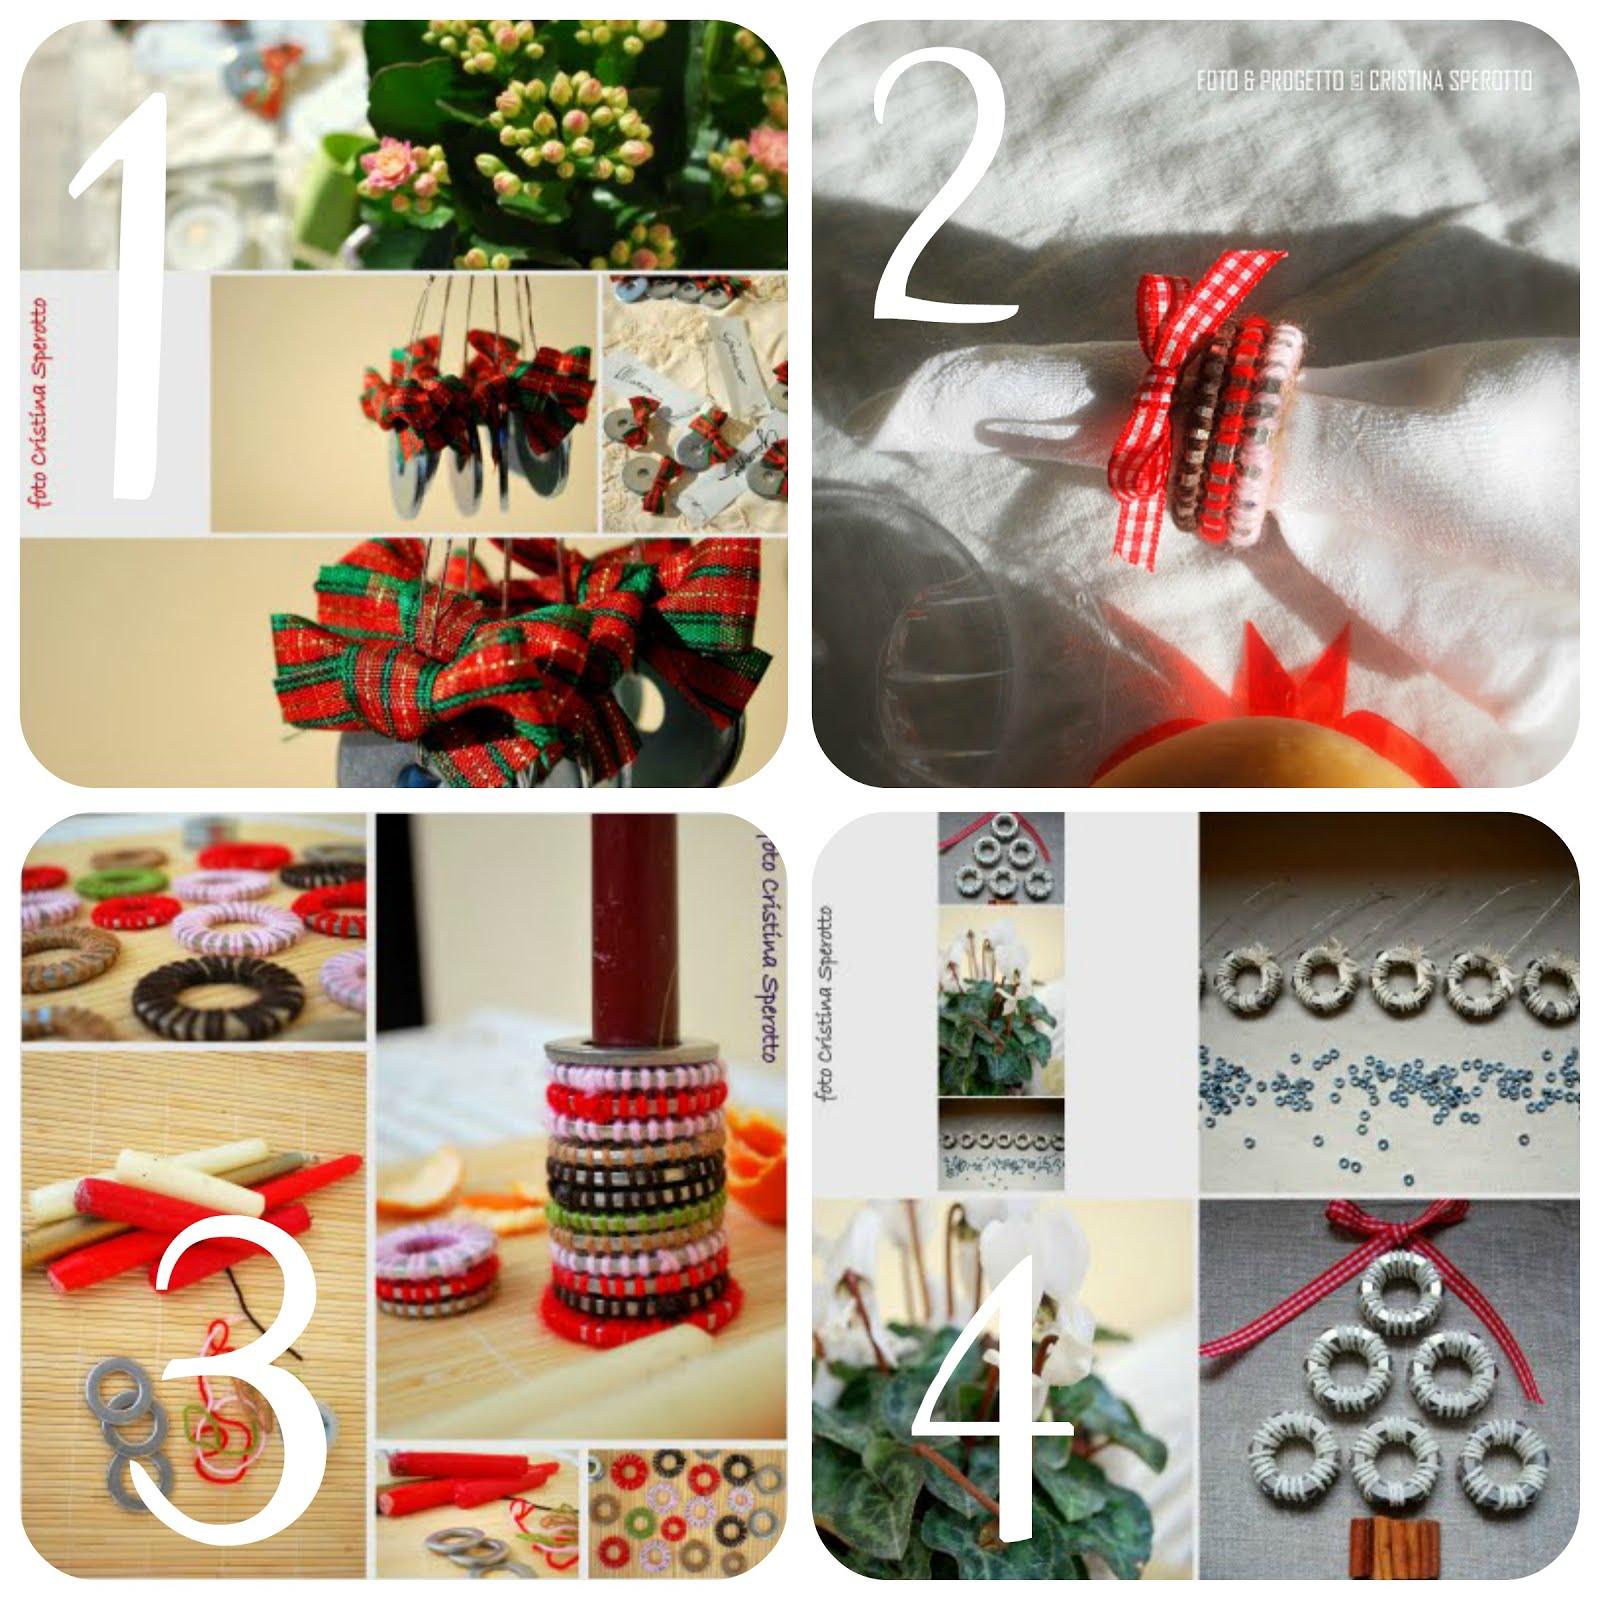 Idee Di Riciclo Per Natale ork'idea atelier: raccolta di idee per decorare il natale